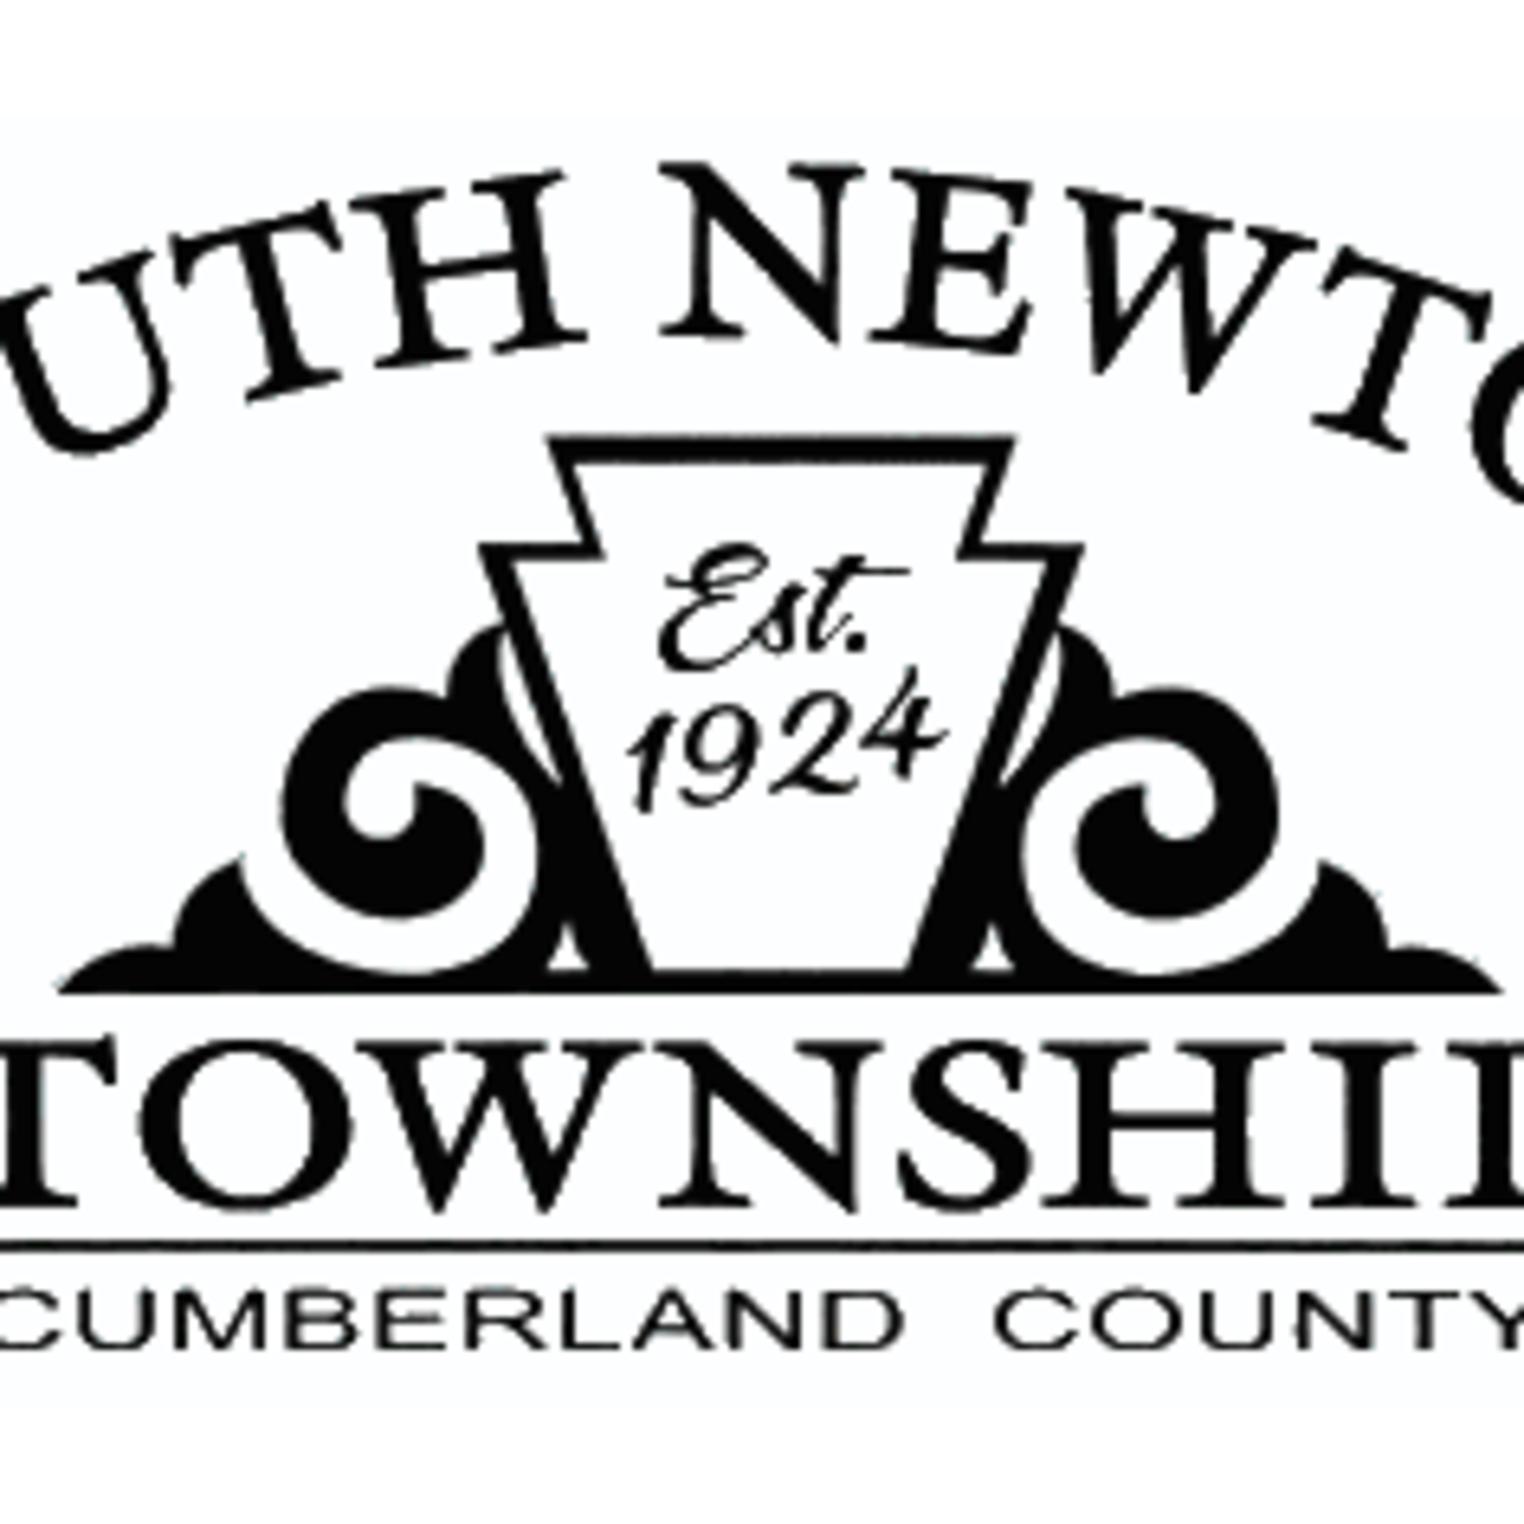 South Newton Township